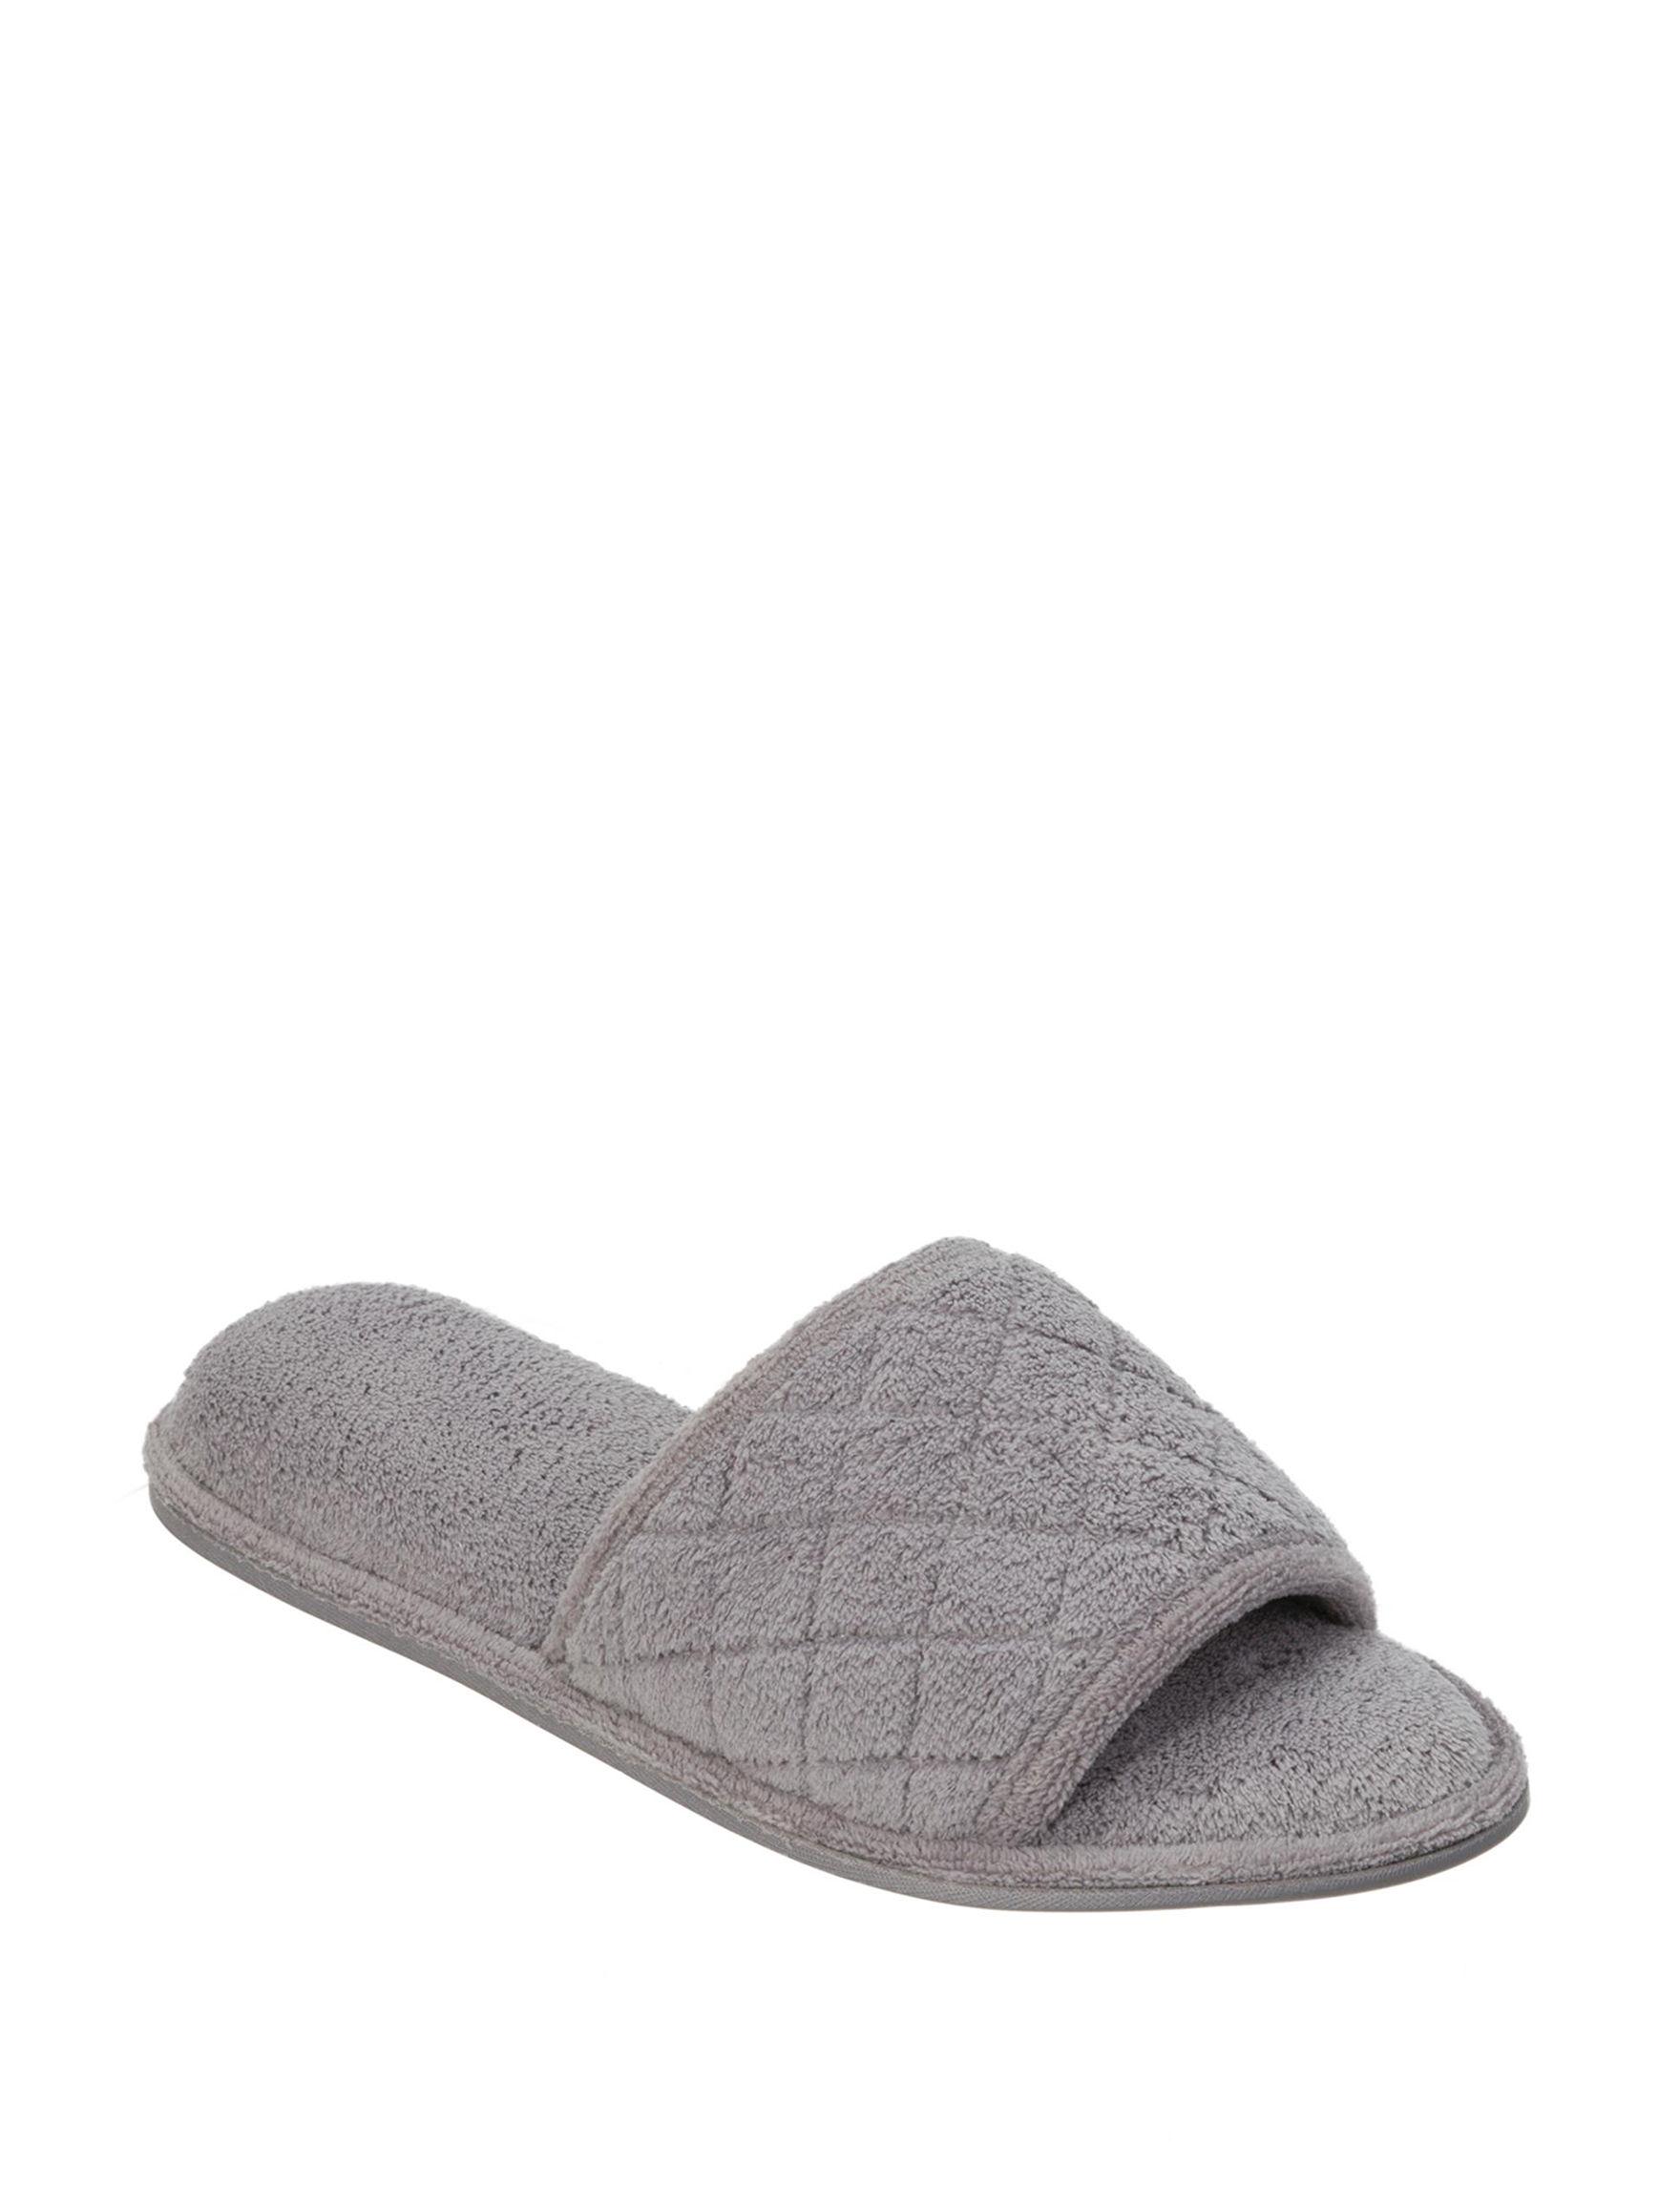 Dearfoams Grey Slipper Sandals